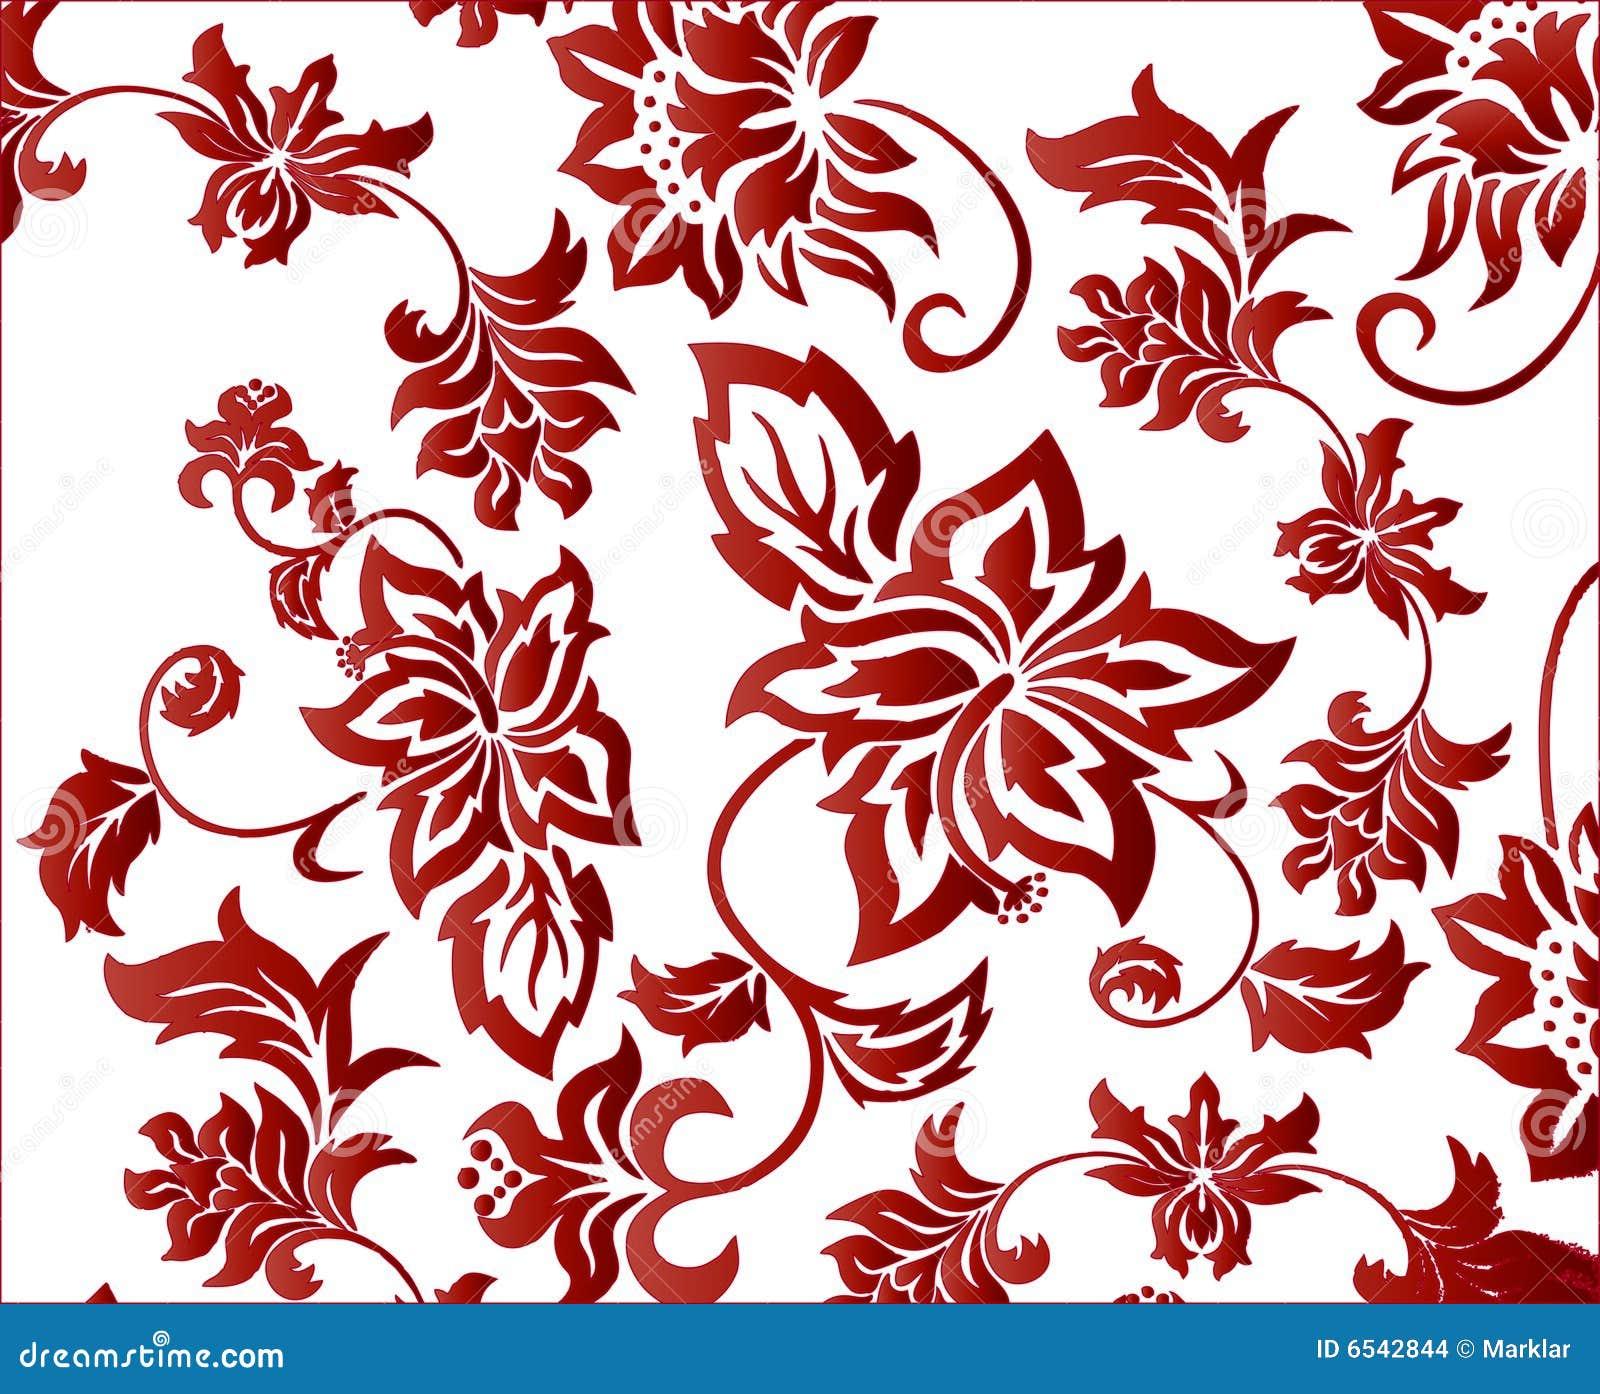 Ornate Red Flower Back...